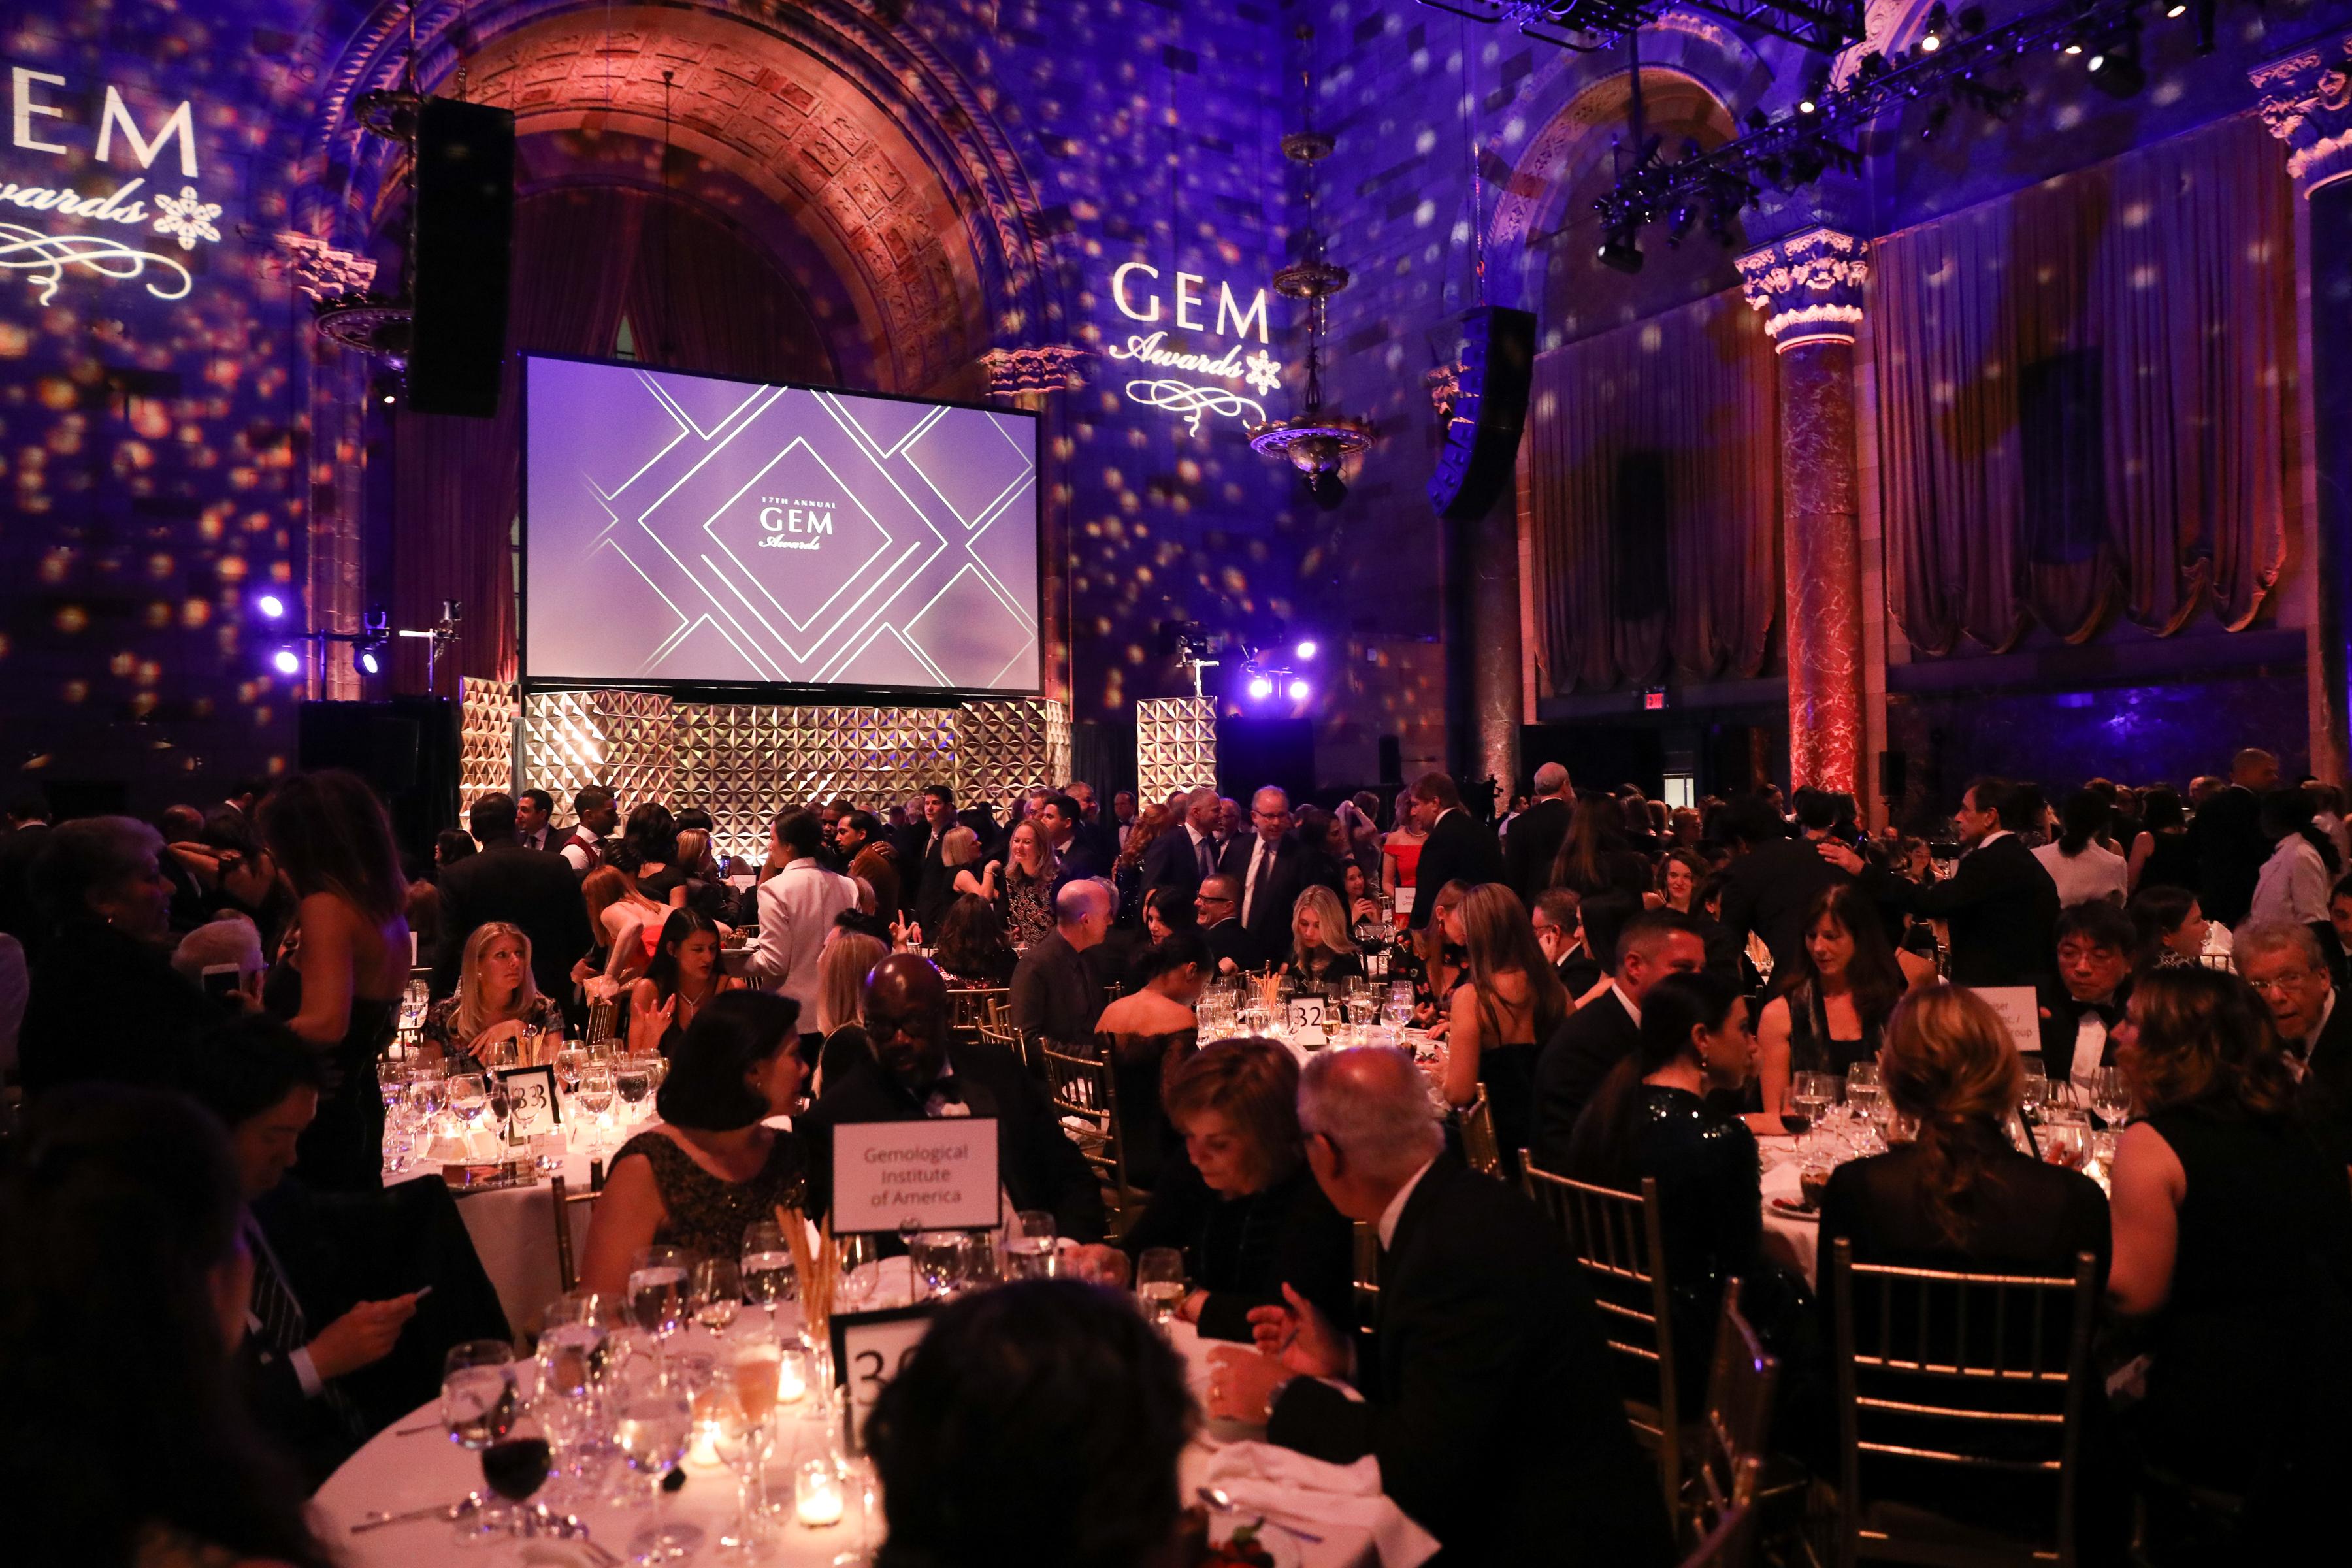 The 2019 Gem Awards